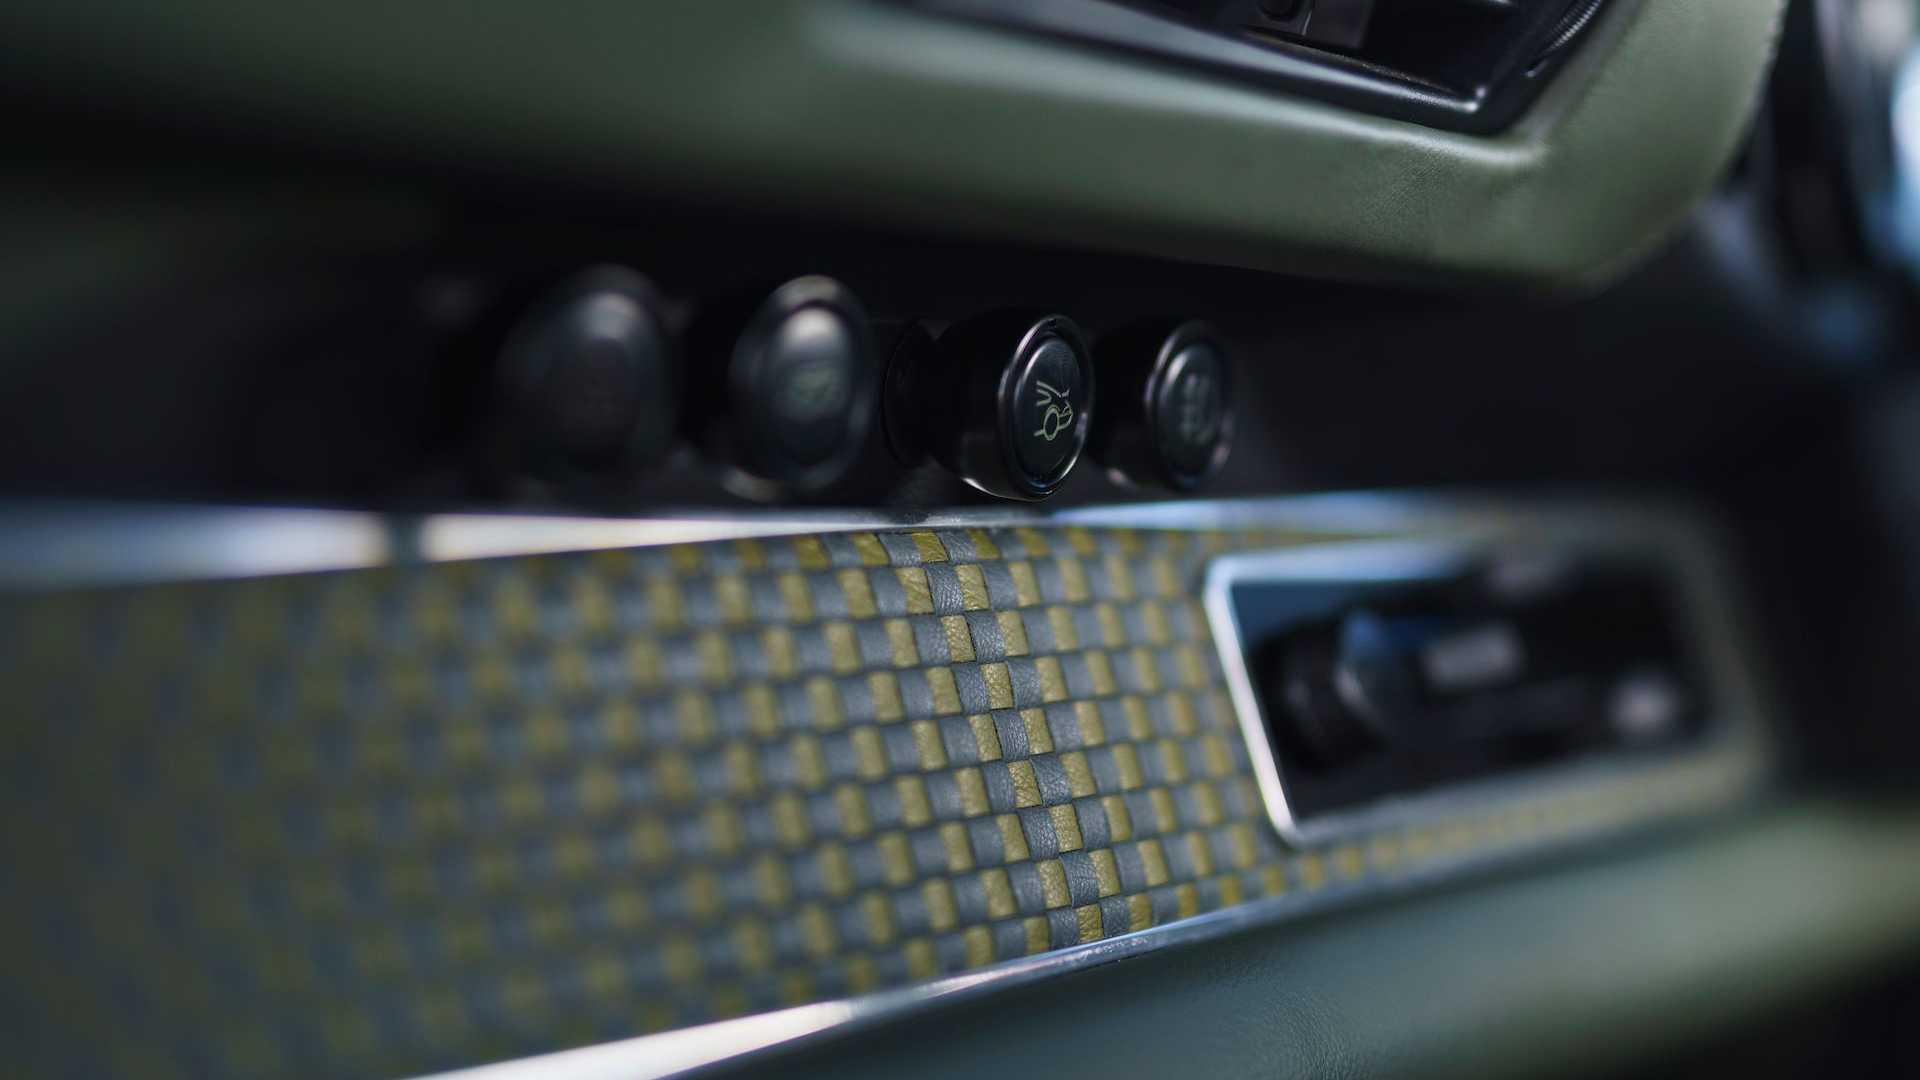 Theon-Design-HK002-Porsche-911-37